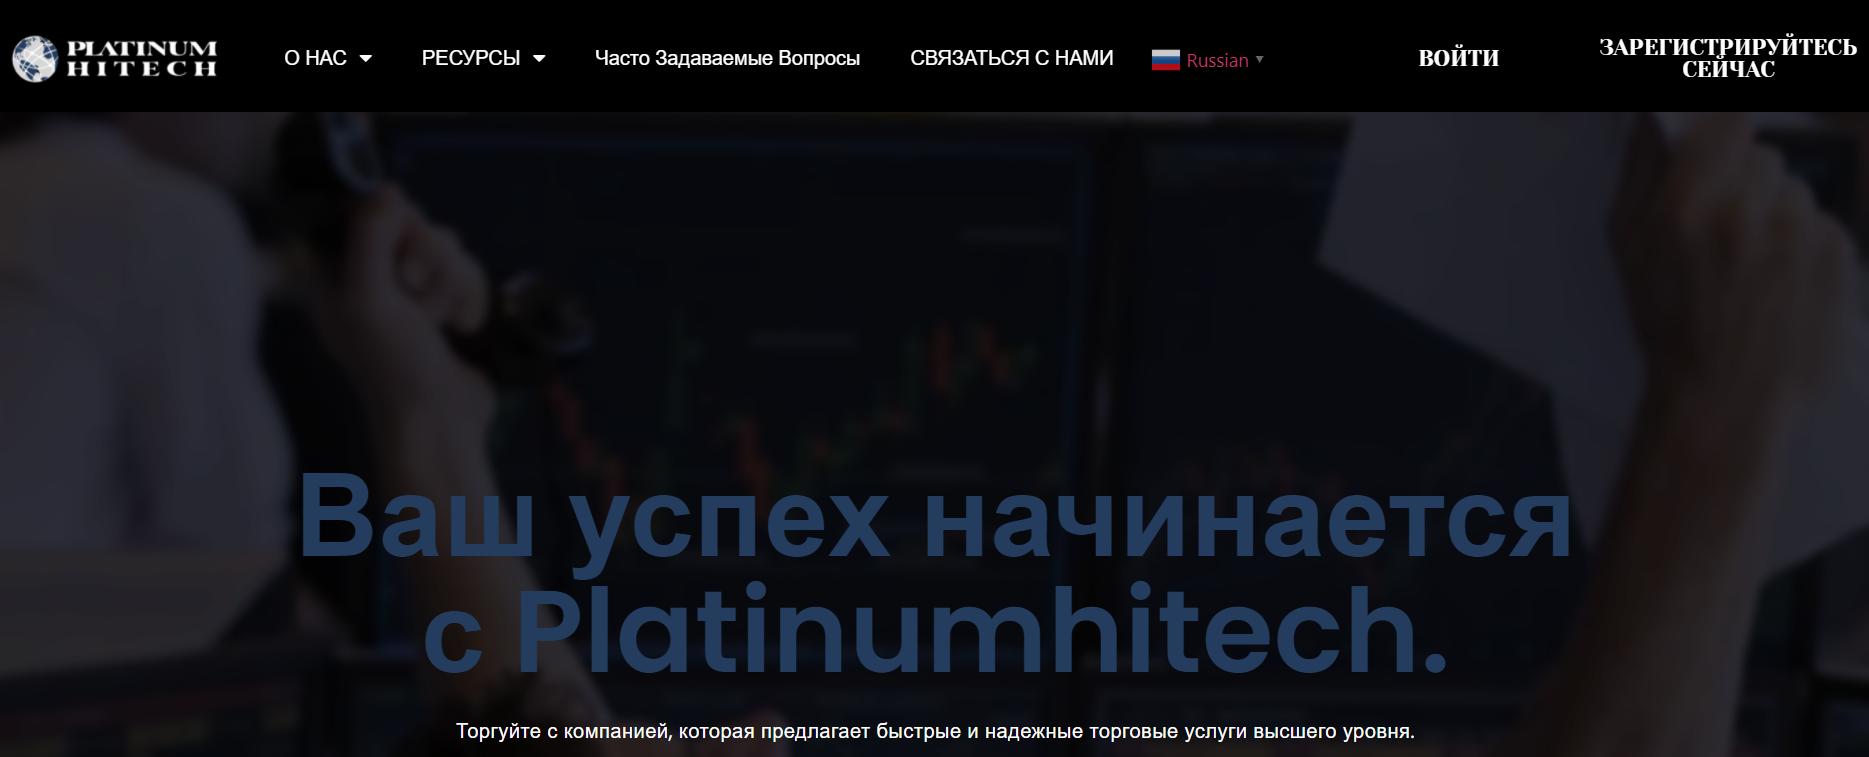 Отзывы о PlatinumHitech: стоит ли вкладывать или это обман? реальные отзывы